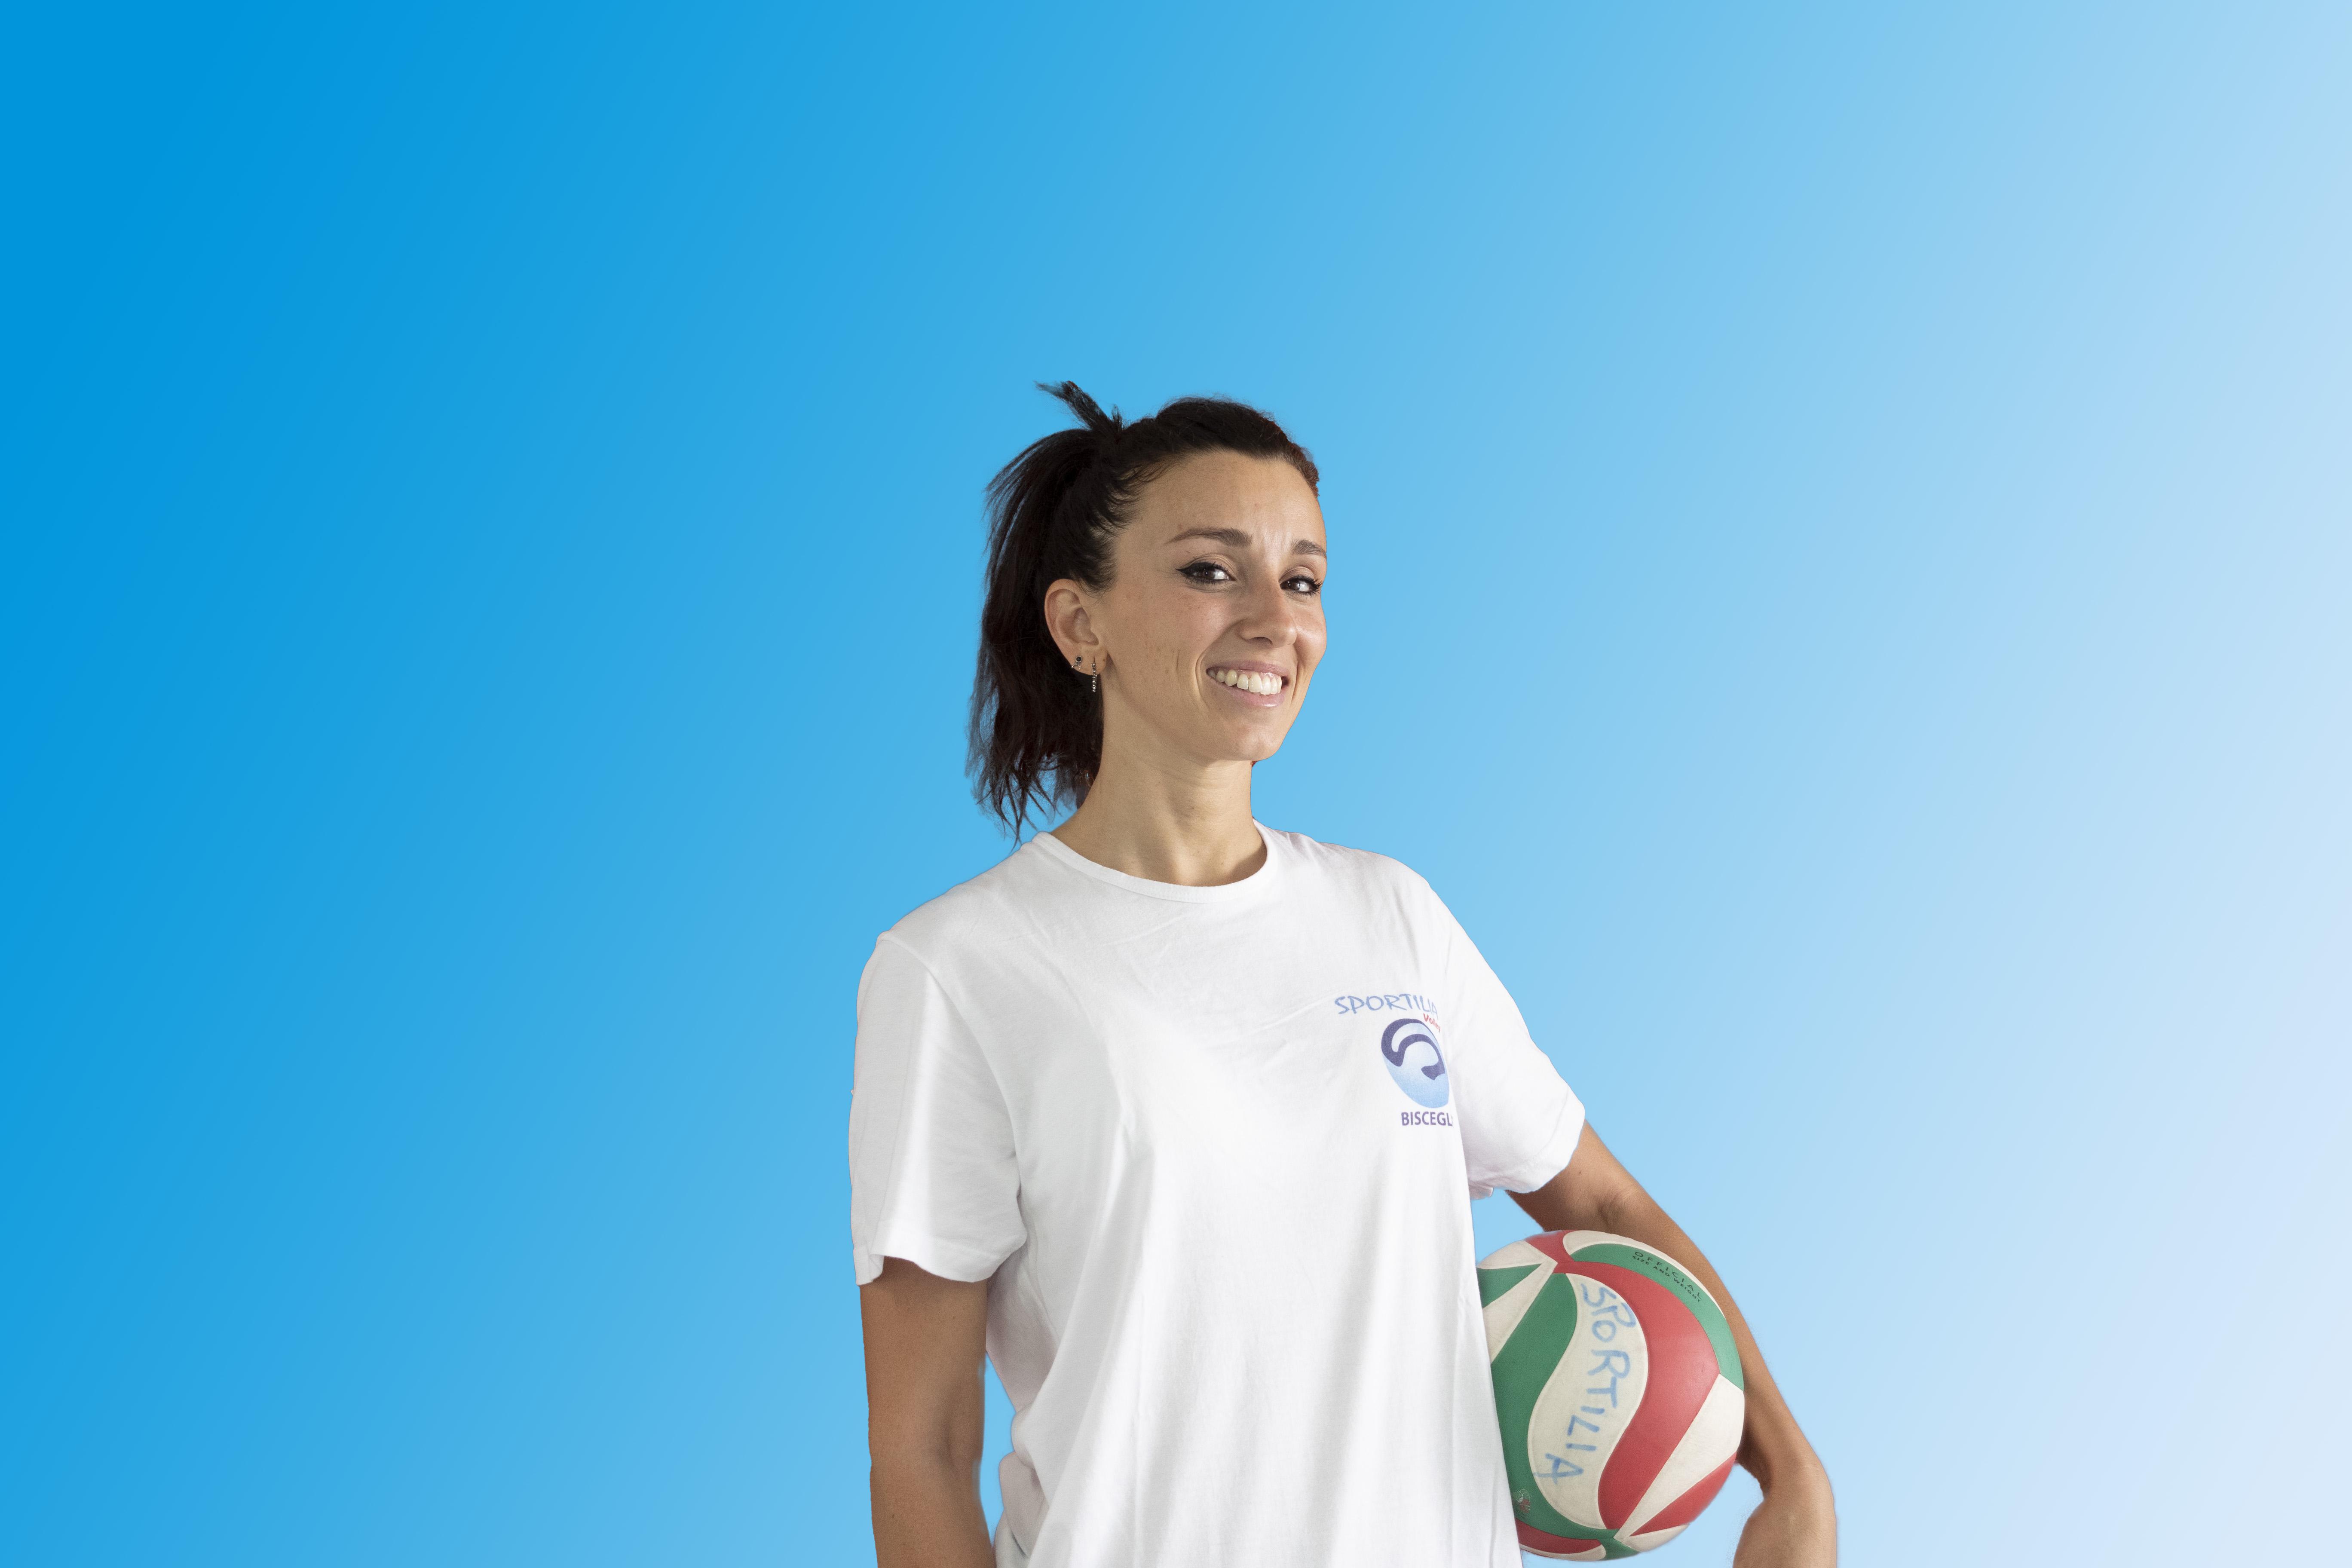 Sportilia Bisceglie, organico completato con la conferma di capitan Nazzarini